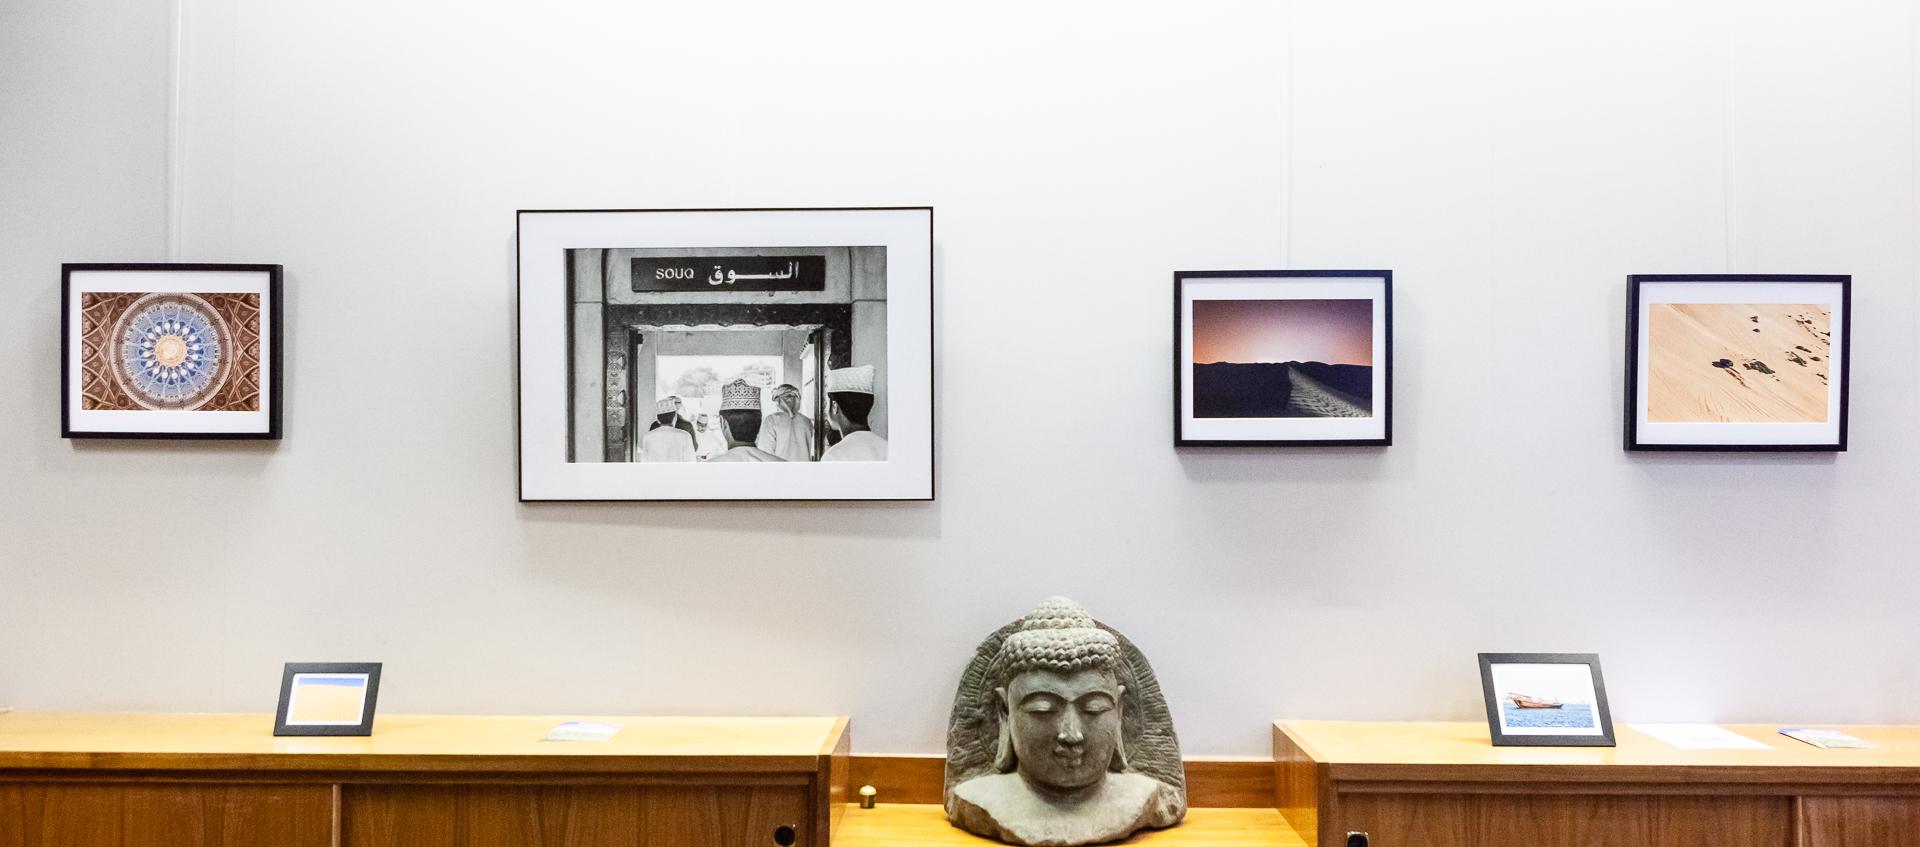 Exposition photo Paris Ateliers du Voyage